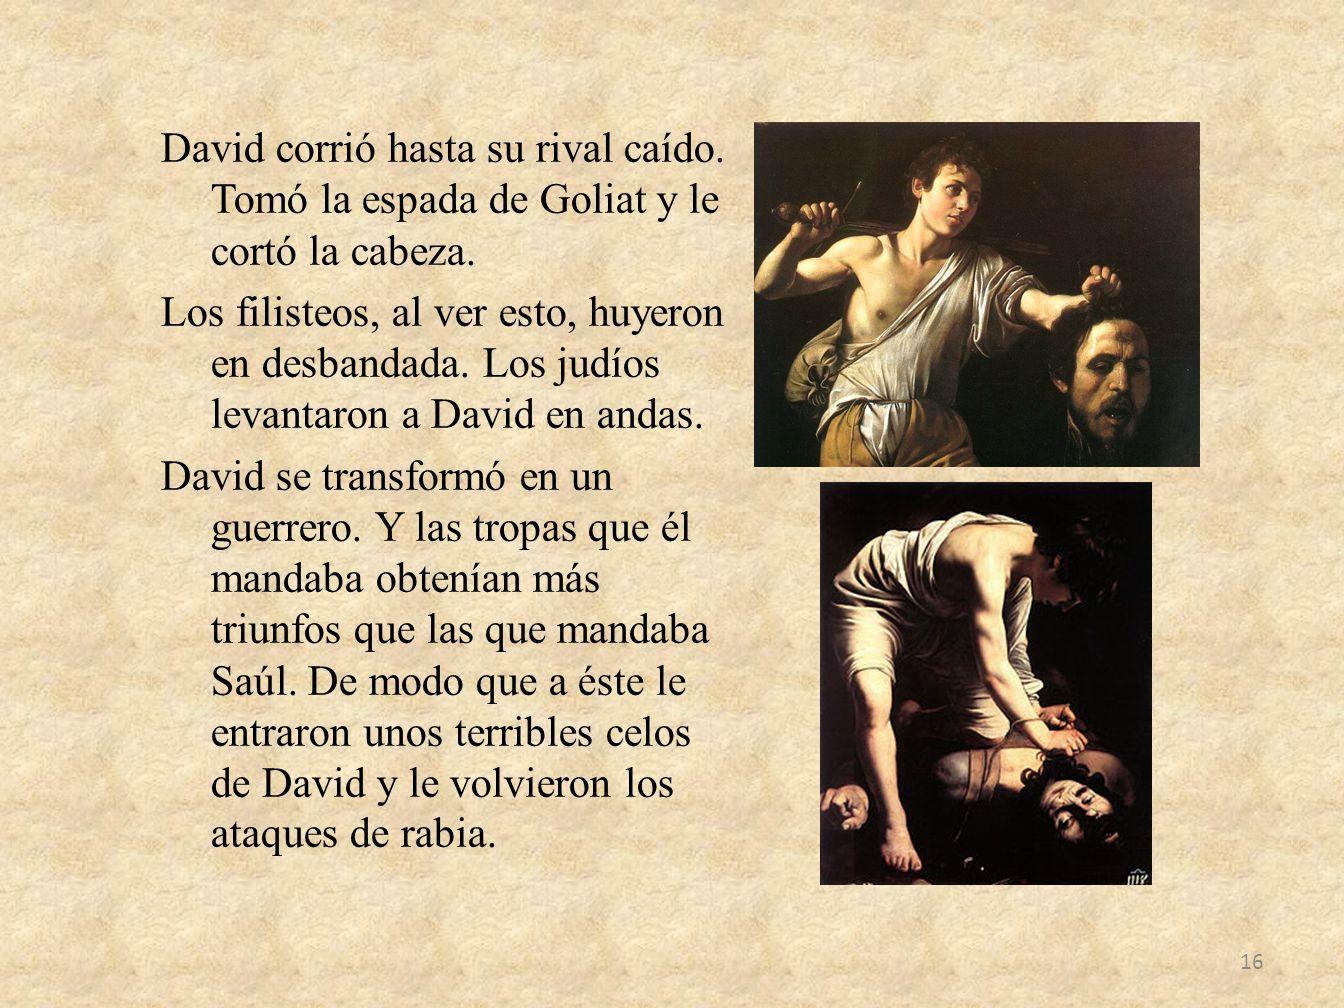 David corrió hasta su rival caído